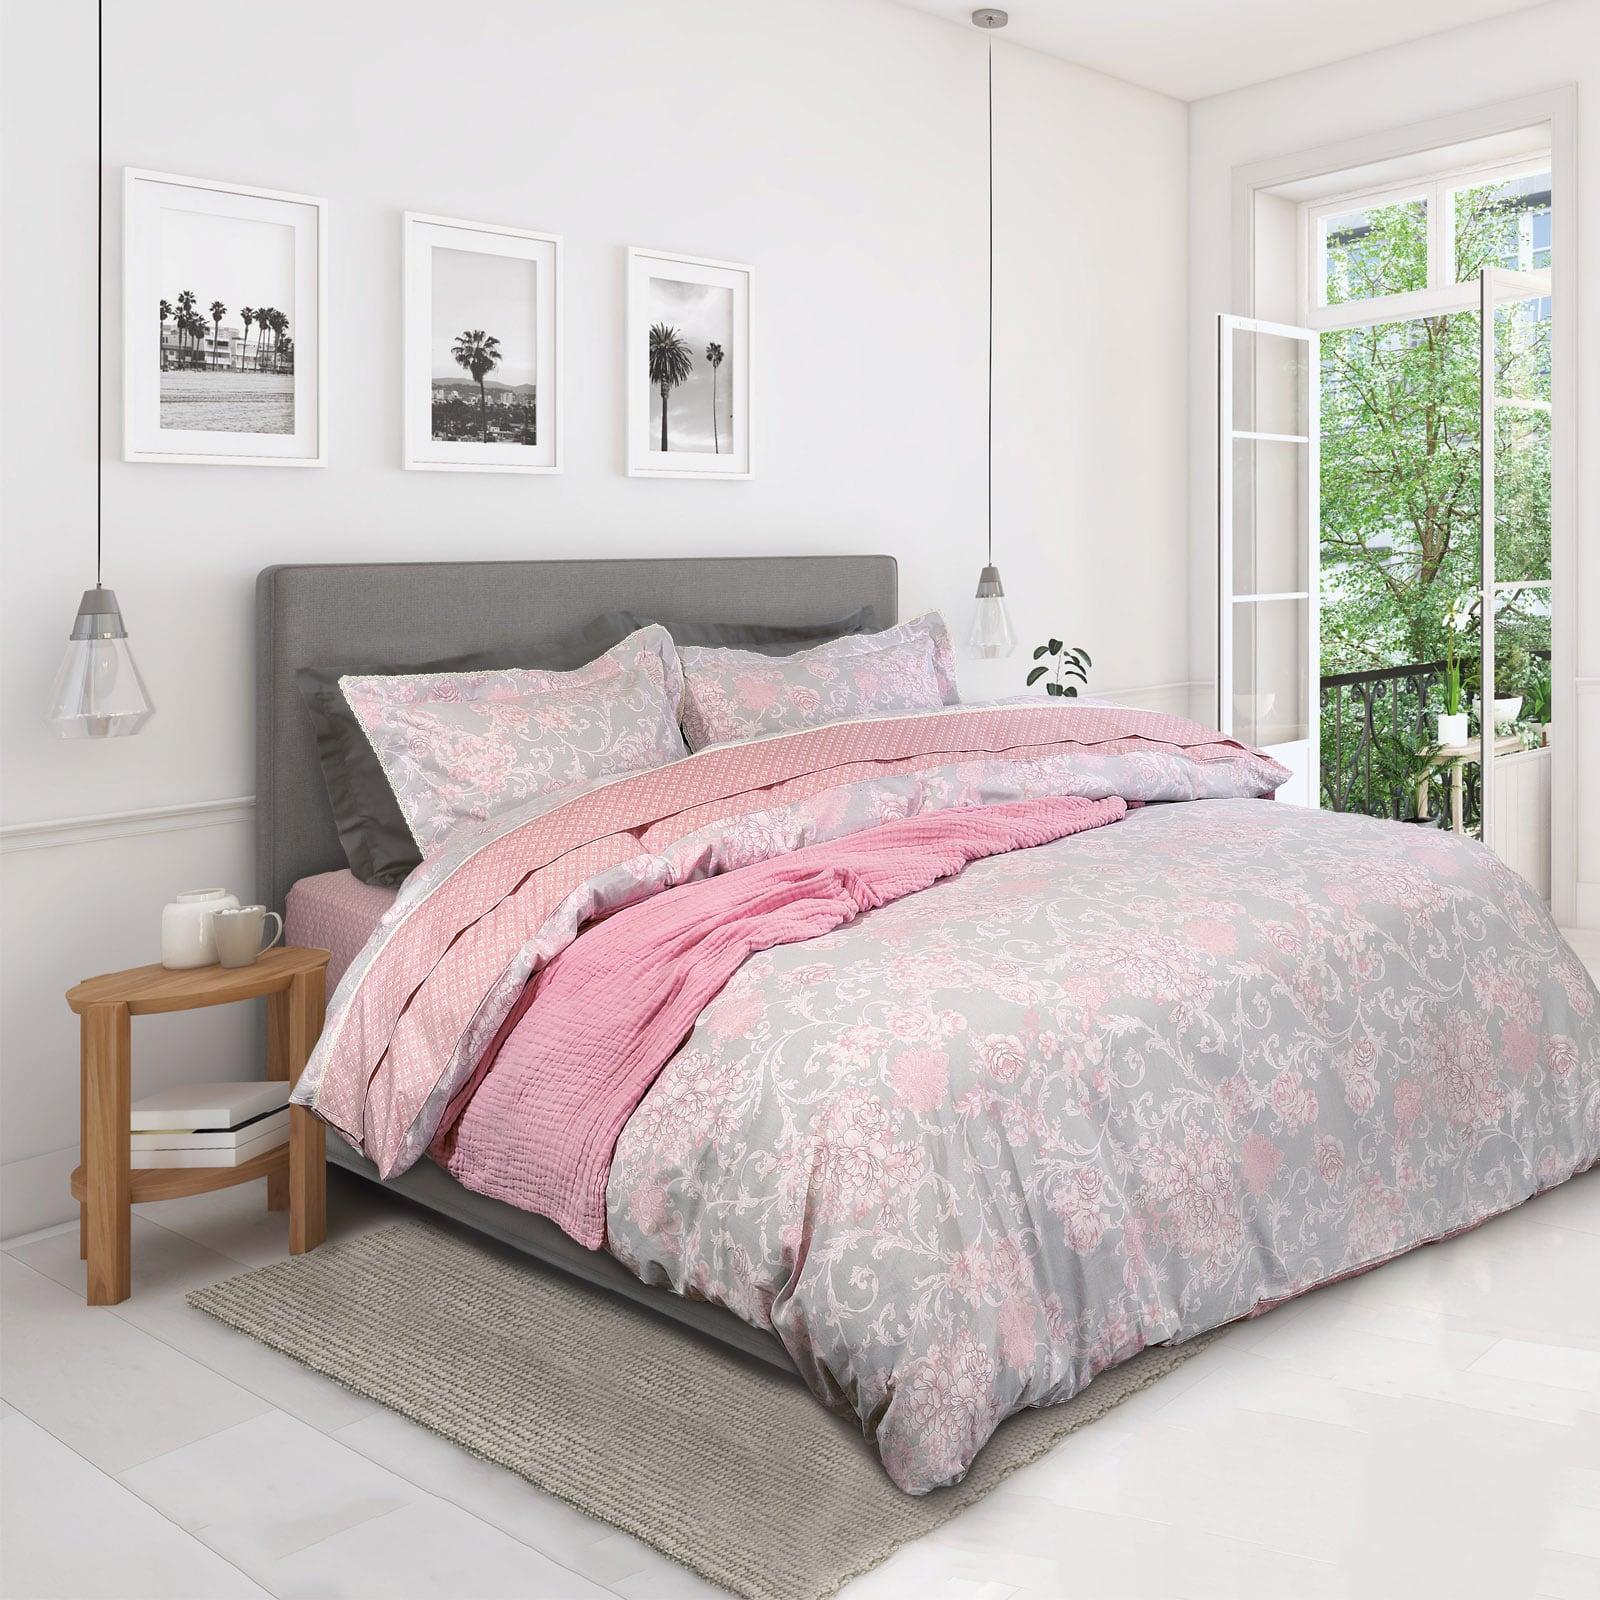 Σεντόνια Σετ 4τμχ 1625 Prestige Grey-Pink Das Home Υπέρδιπλo 230x260cm